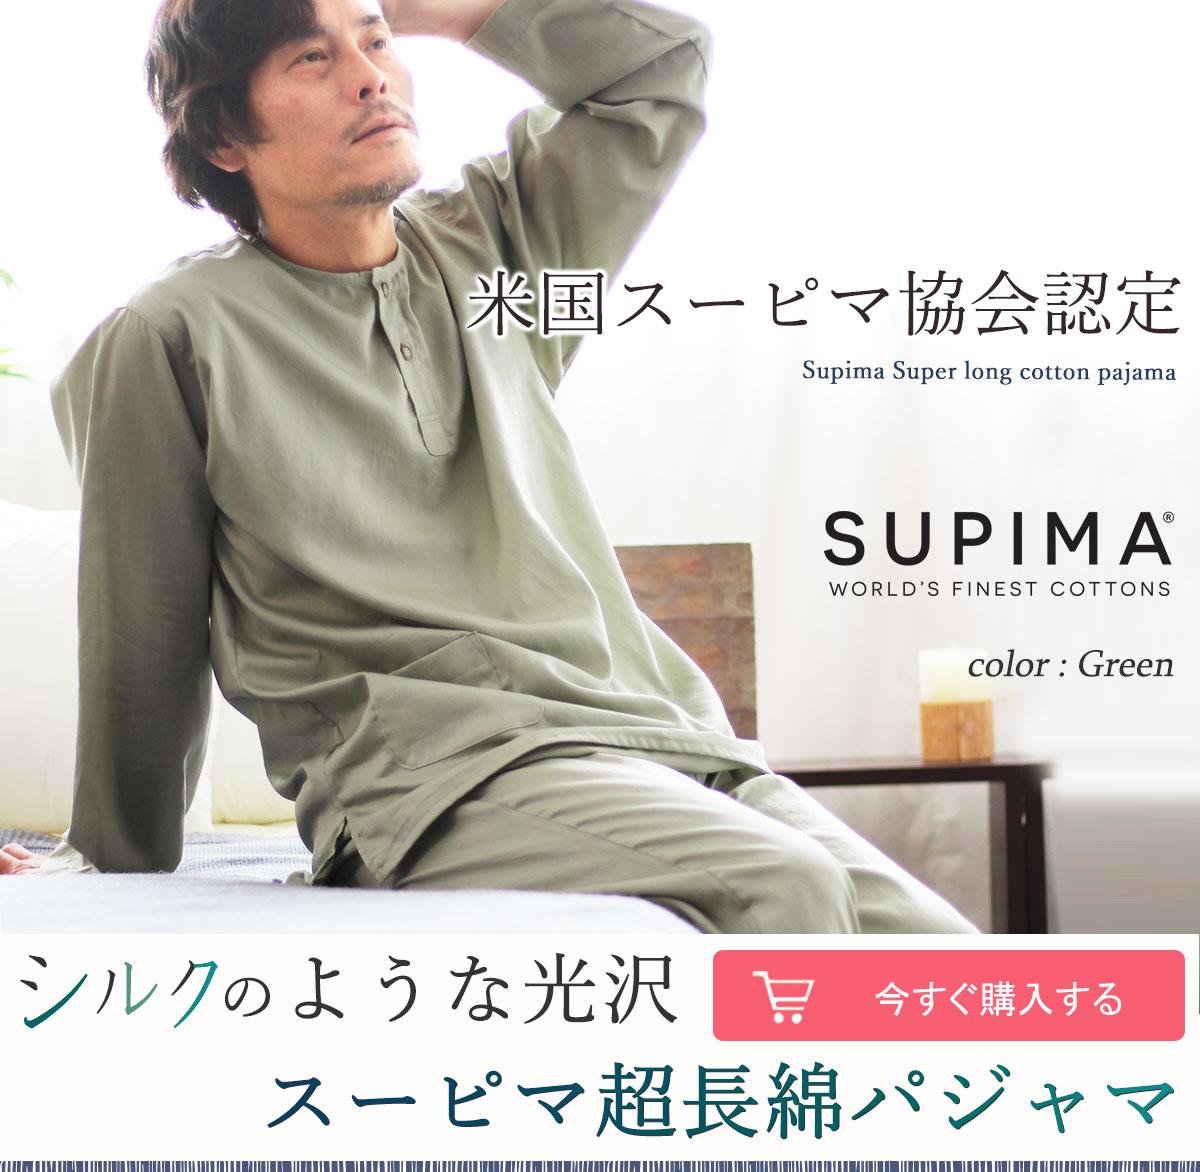 米国スーピマ協会認定 シルクのような光沢、スーピマ超長綿かぶりメンズパジャマ